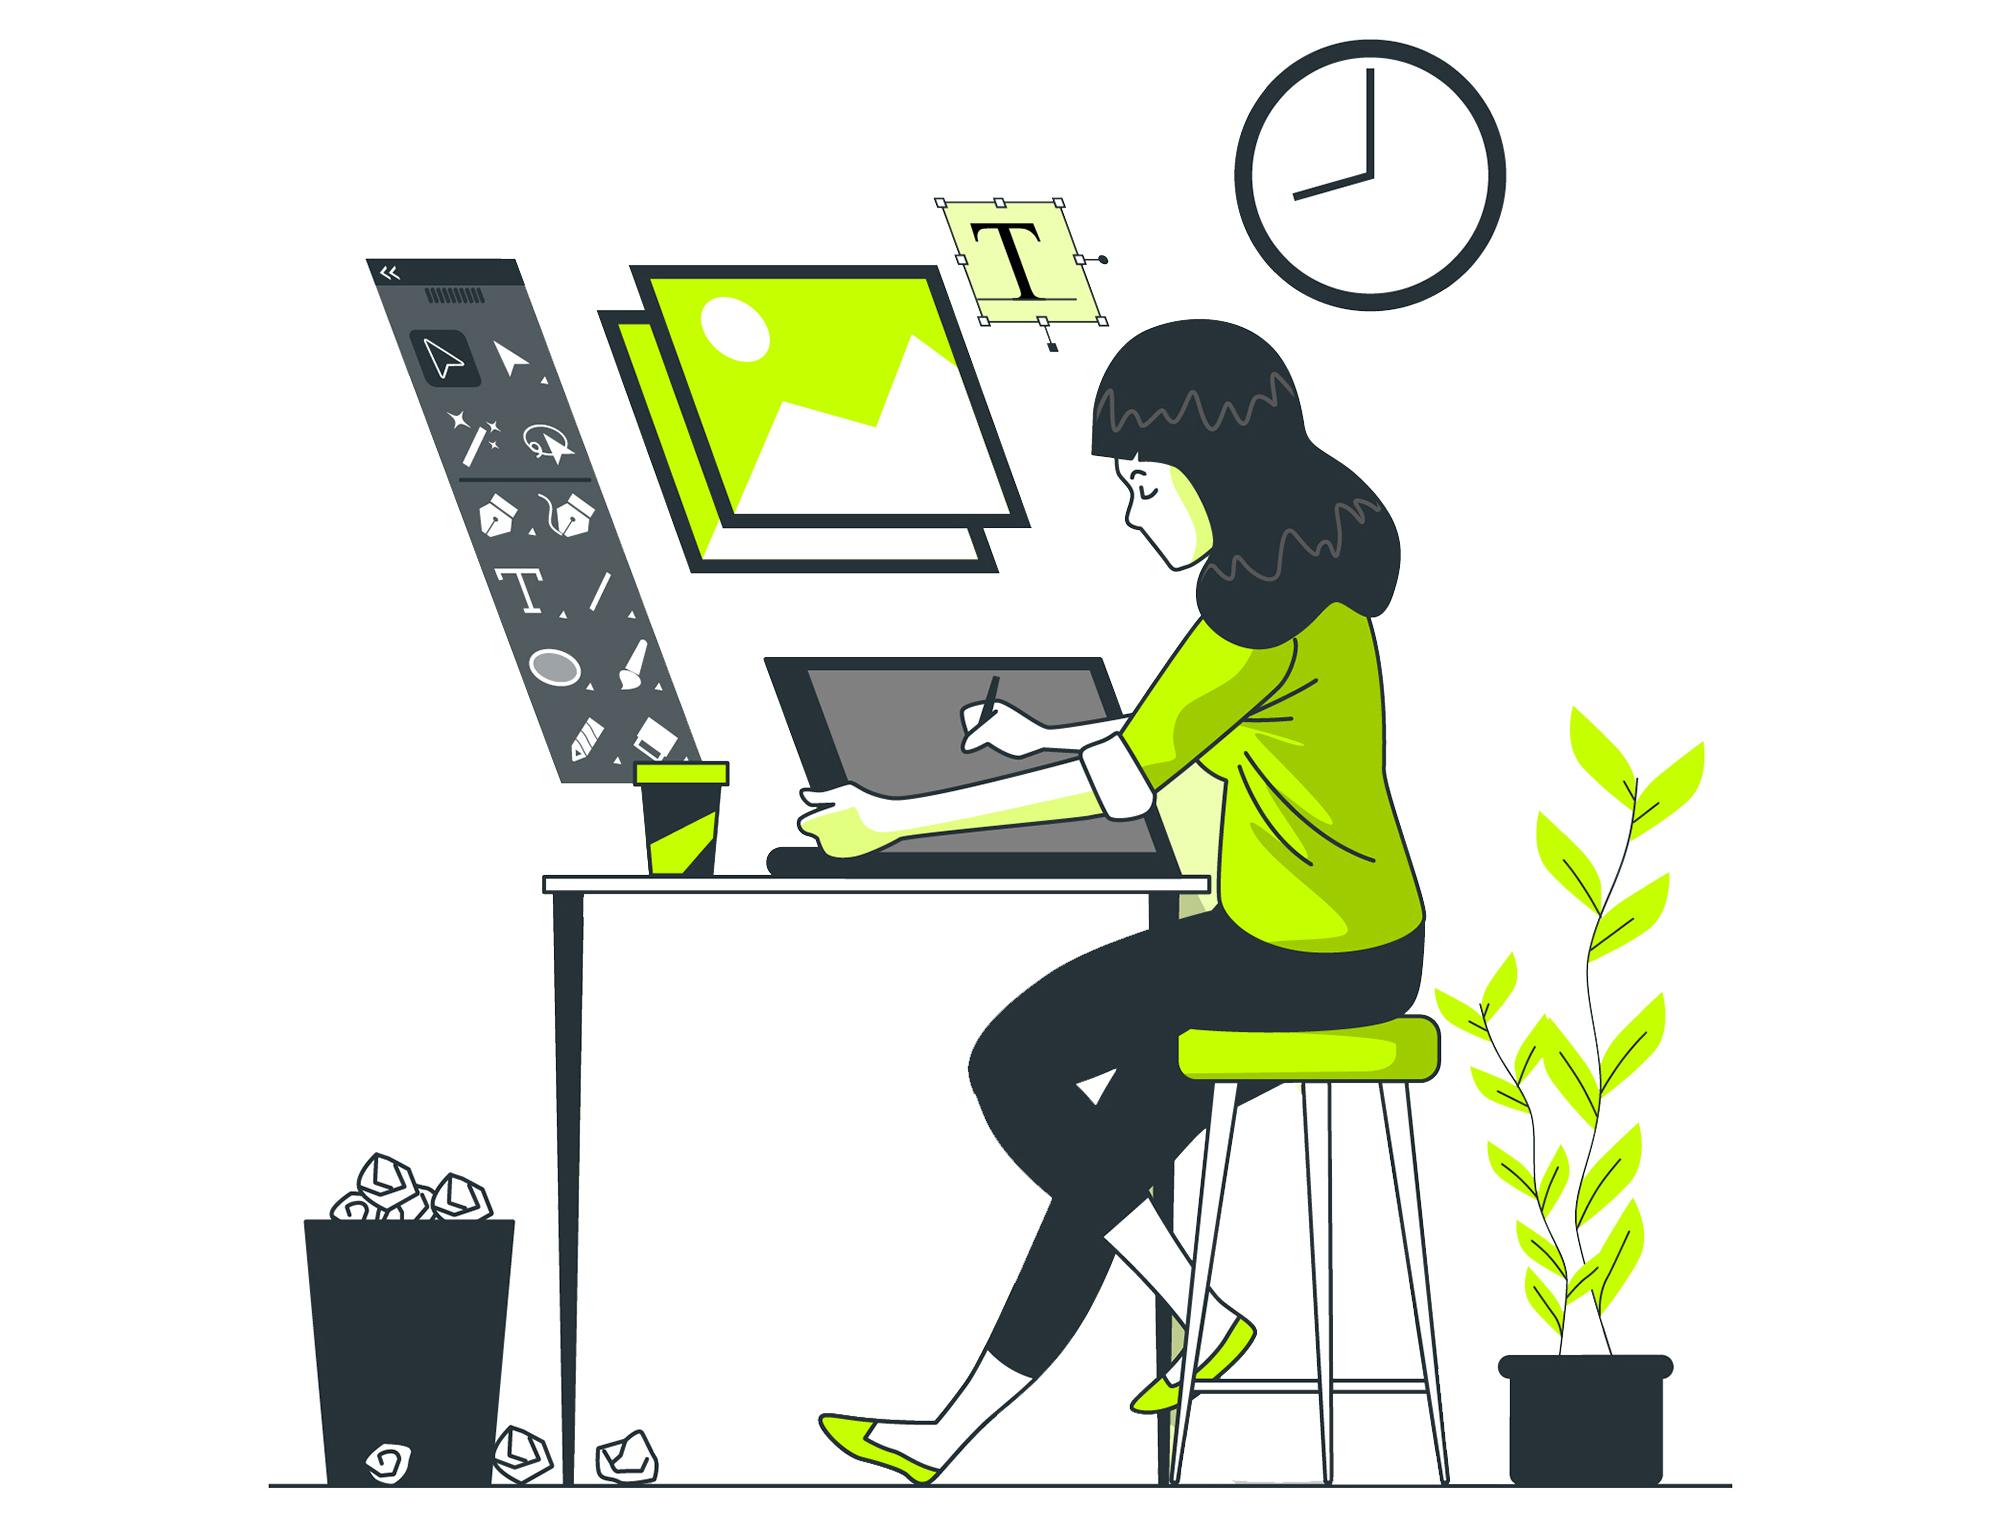 کسب درآمد در خانه با کامپیوتر